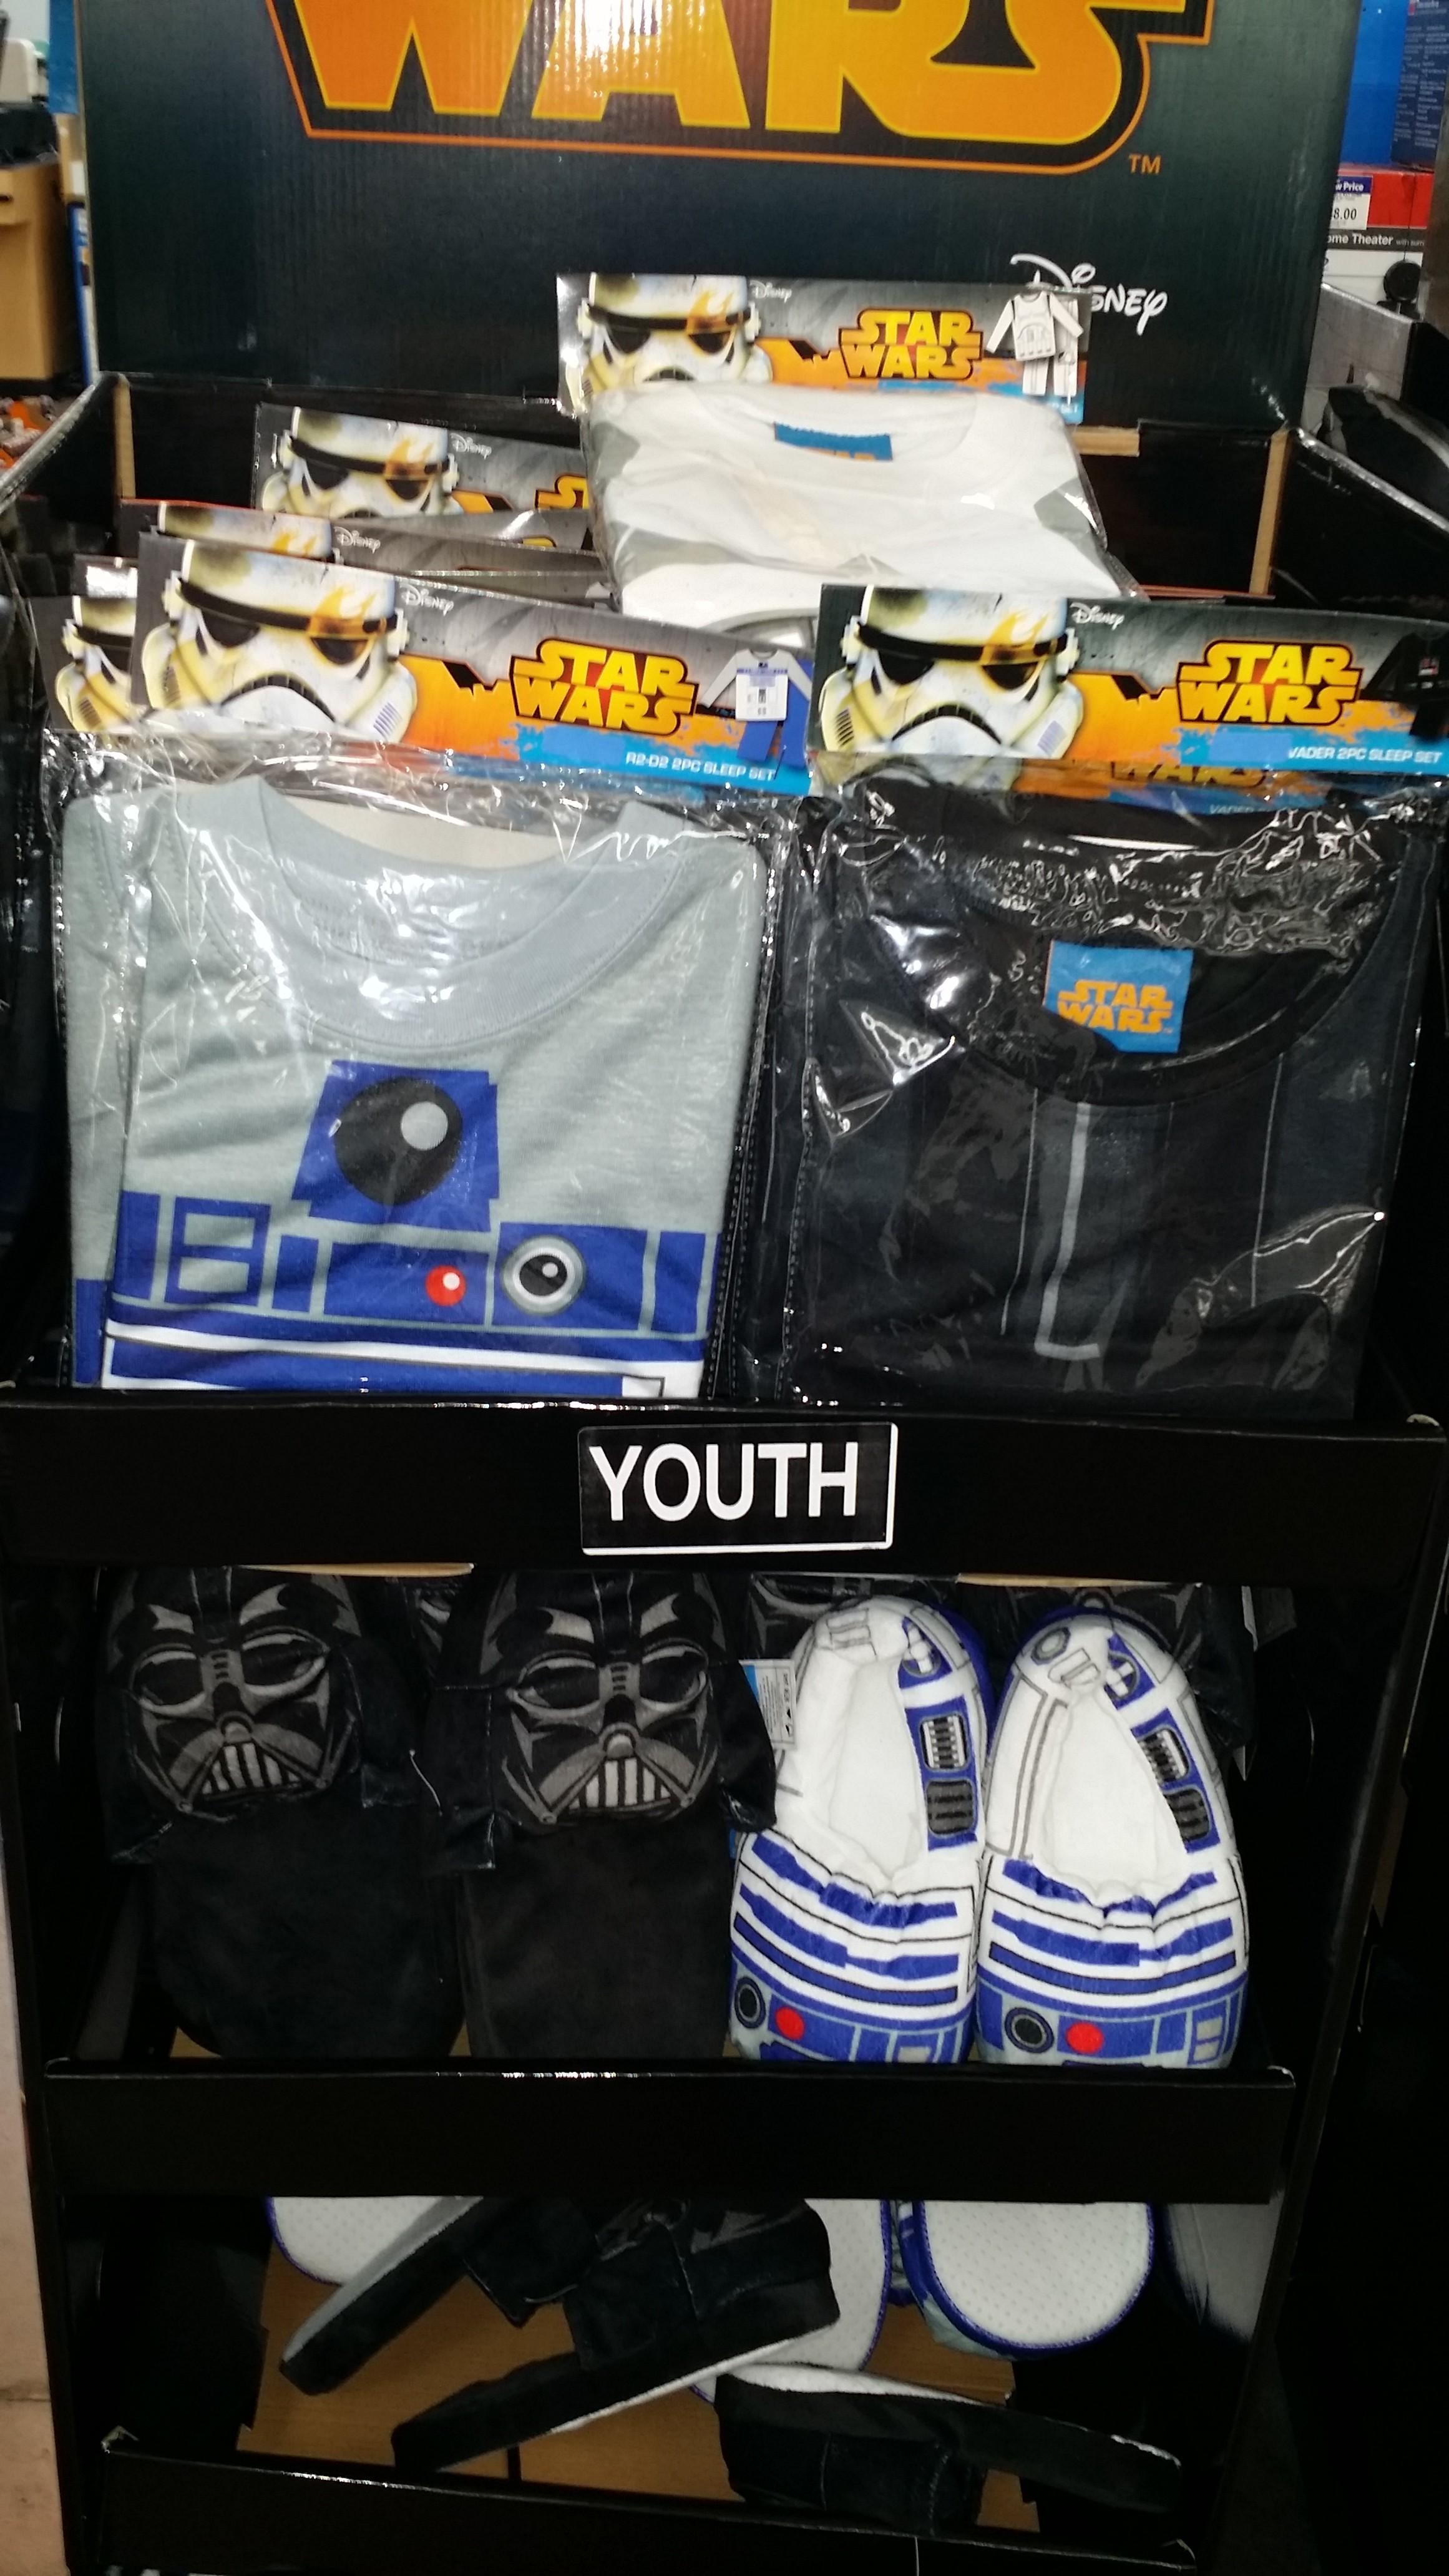 Star Wars Toys Walmart : New star wars items at walmart yodasnews